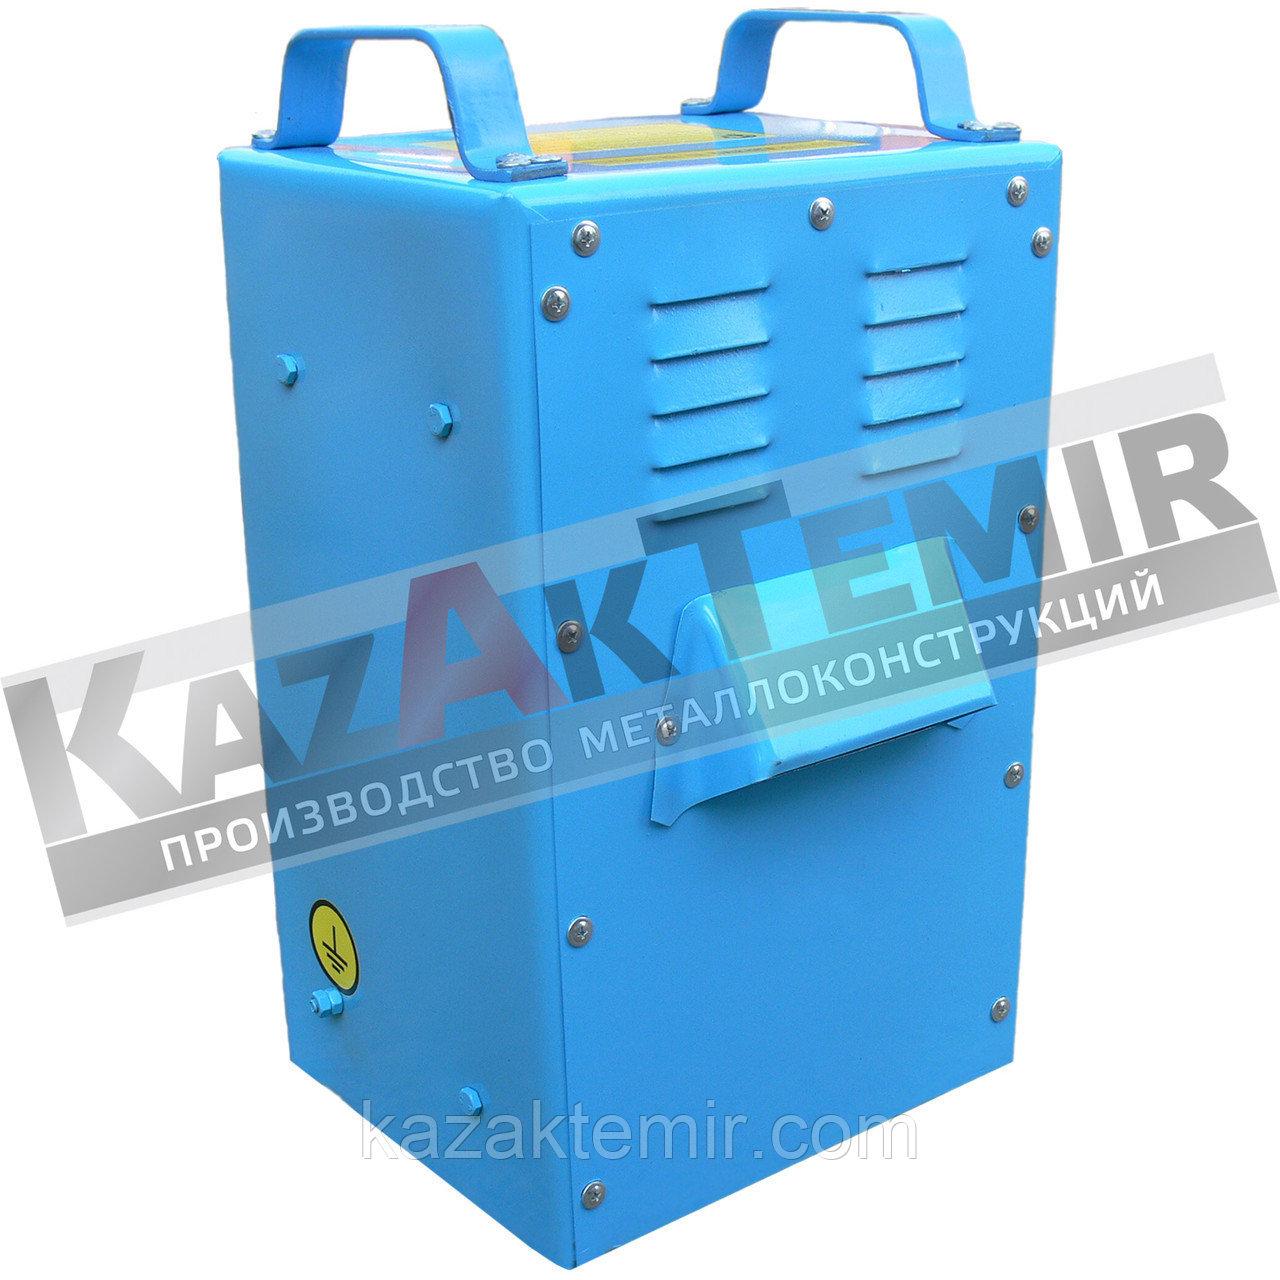 ТСЗИ 380/42В 4 кВт трансформатор понижающий